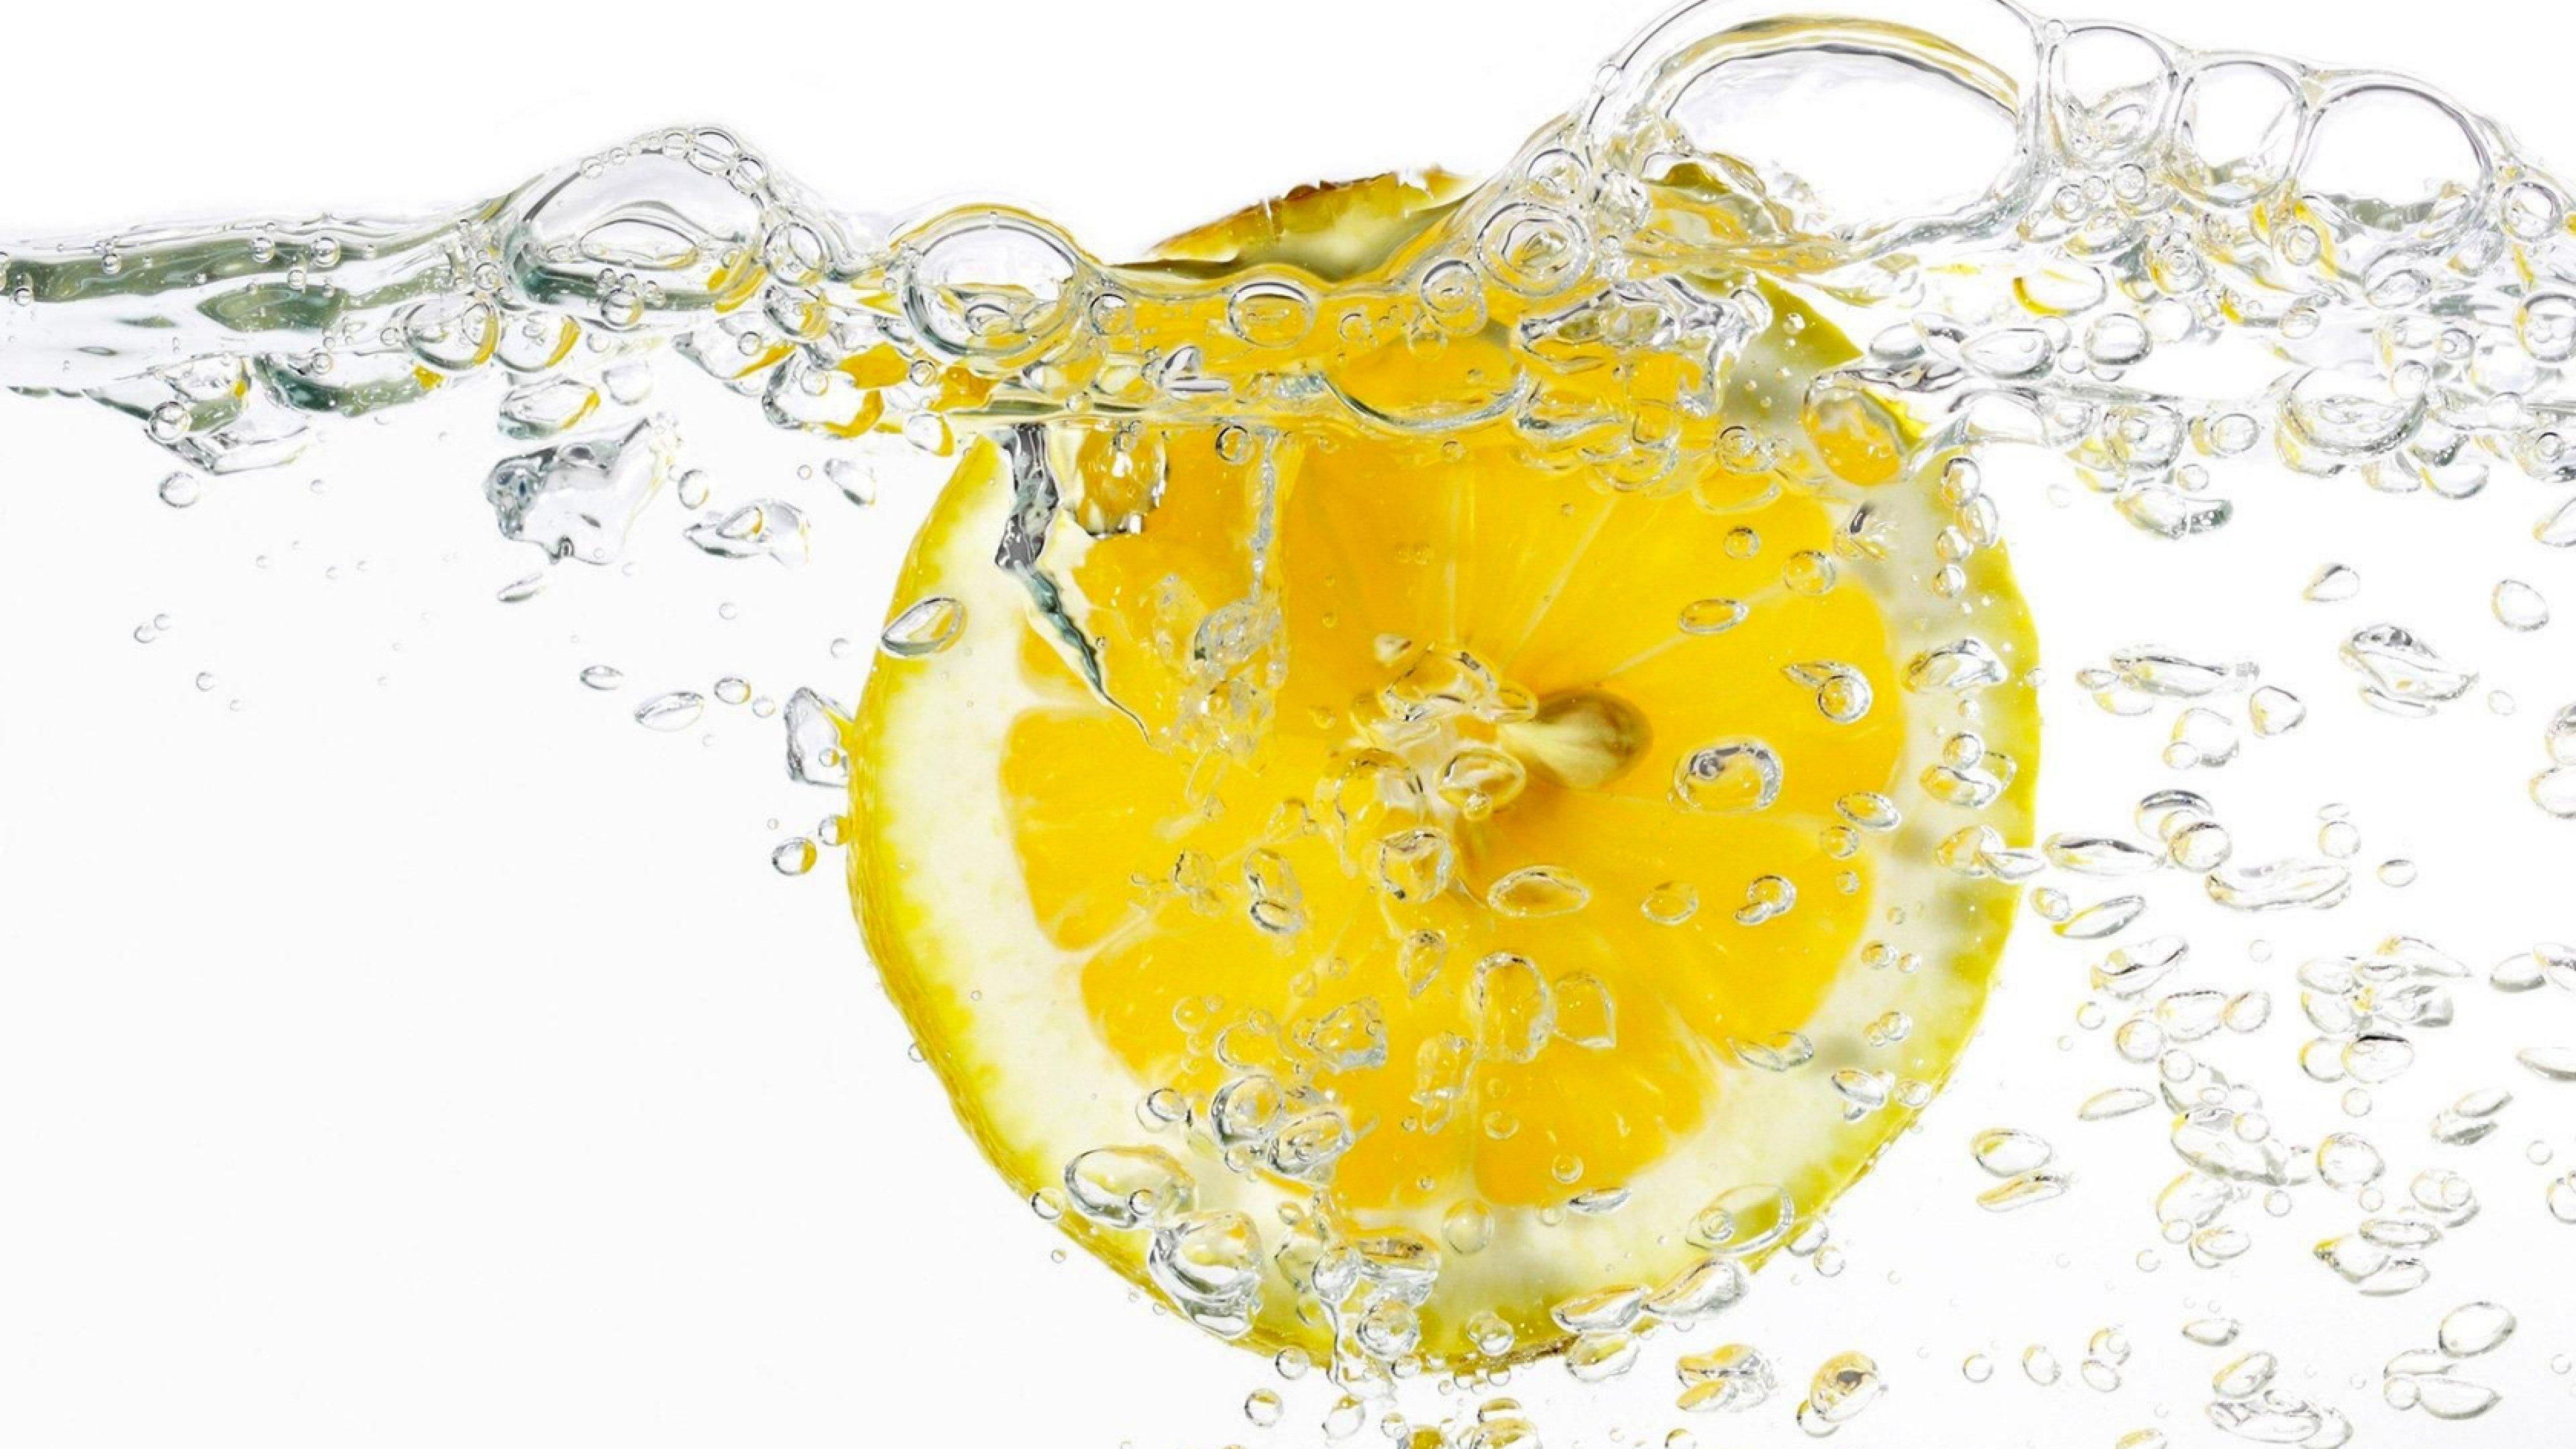 Дольки лимона в стакане  № 3698149 загрузить